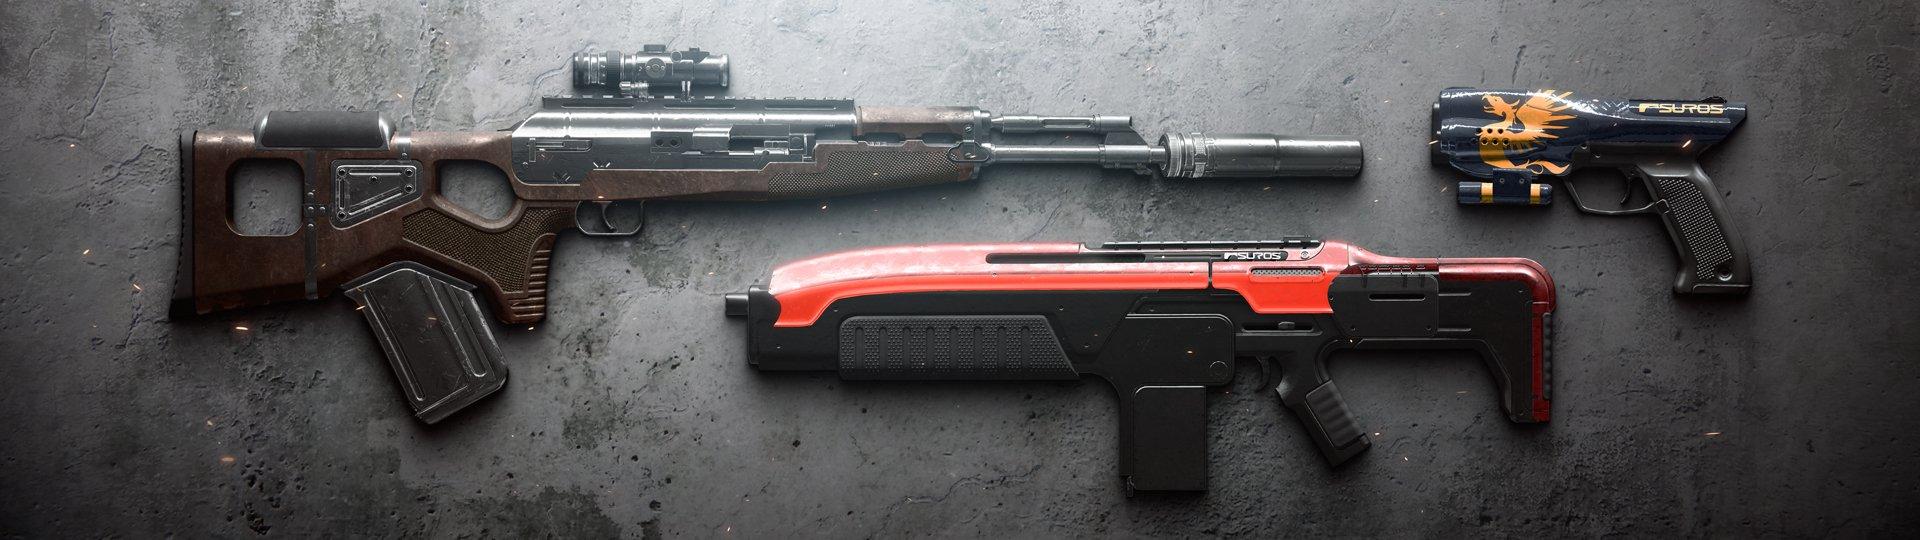 JJ_Weapons_Ritual